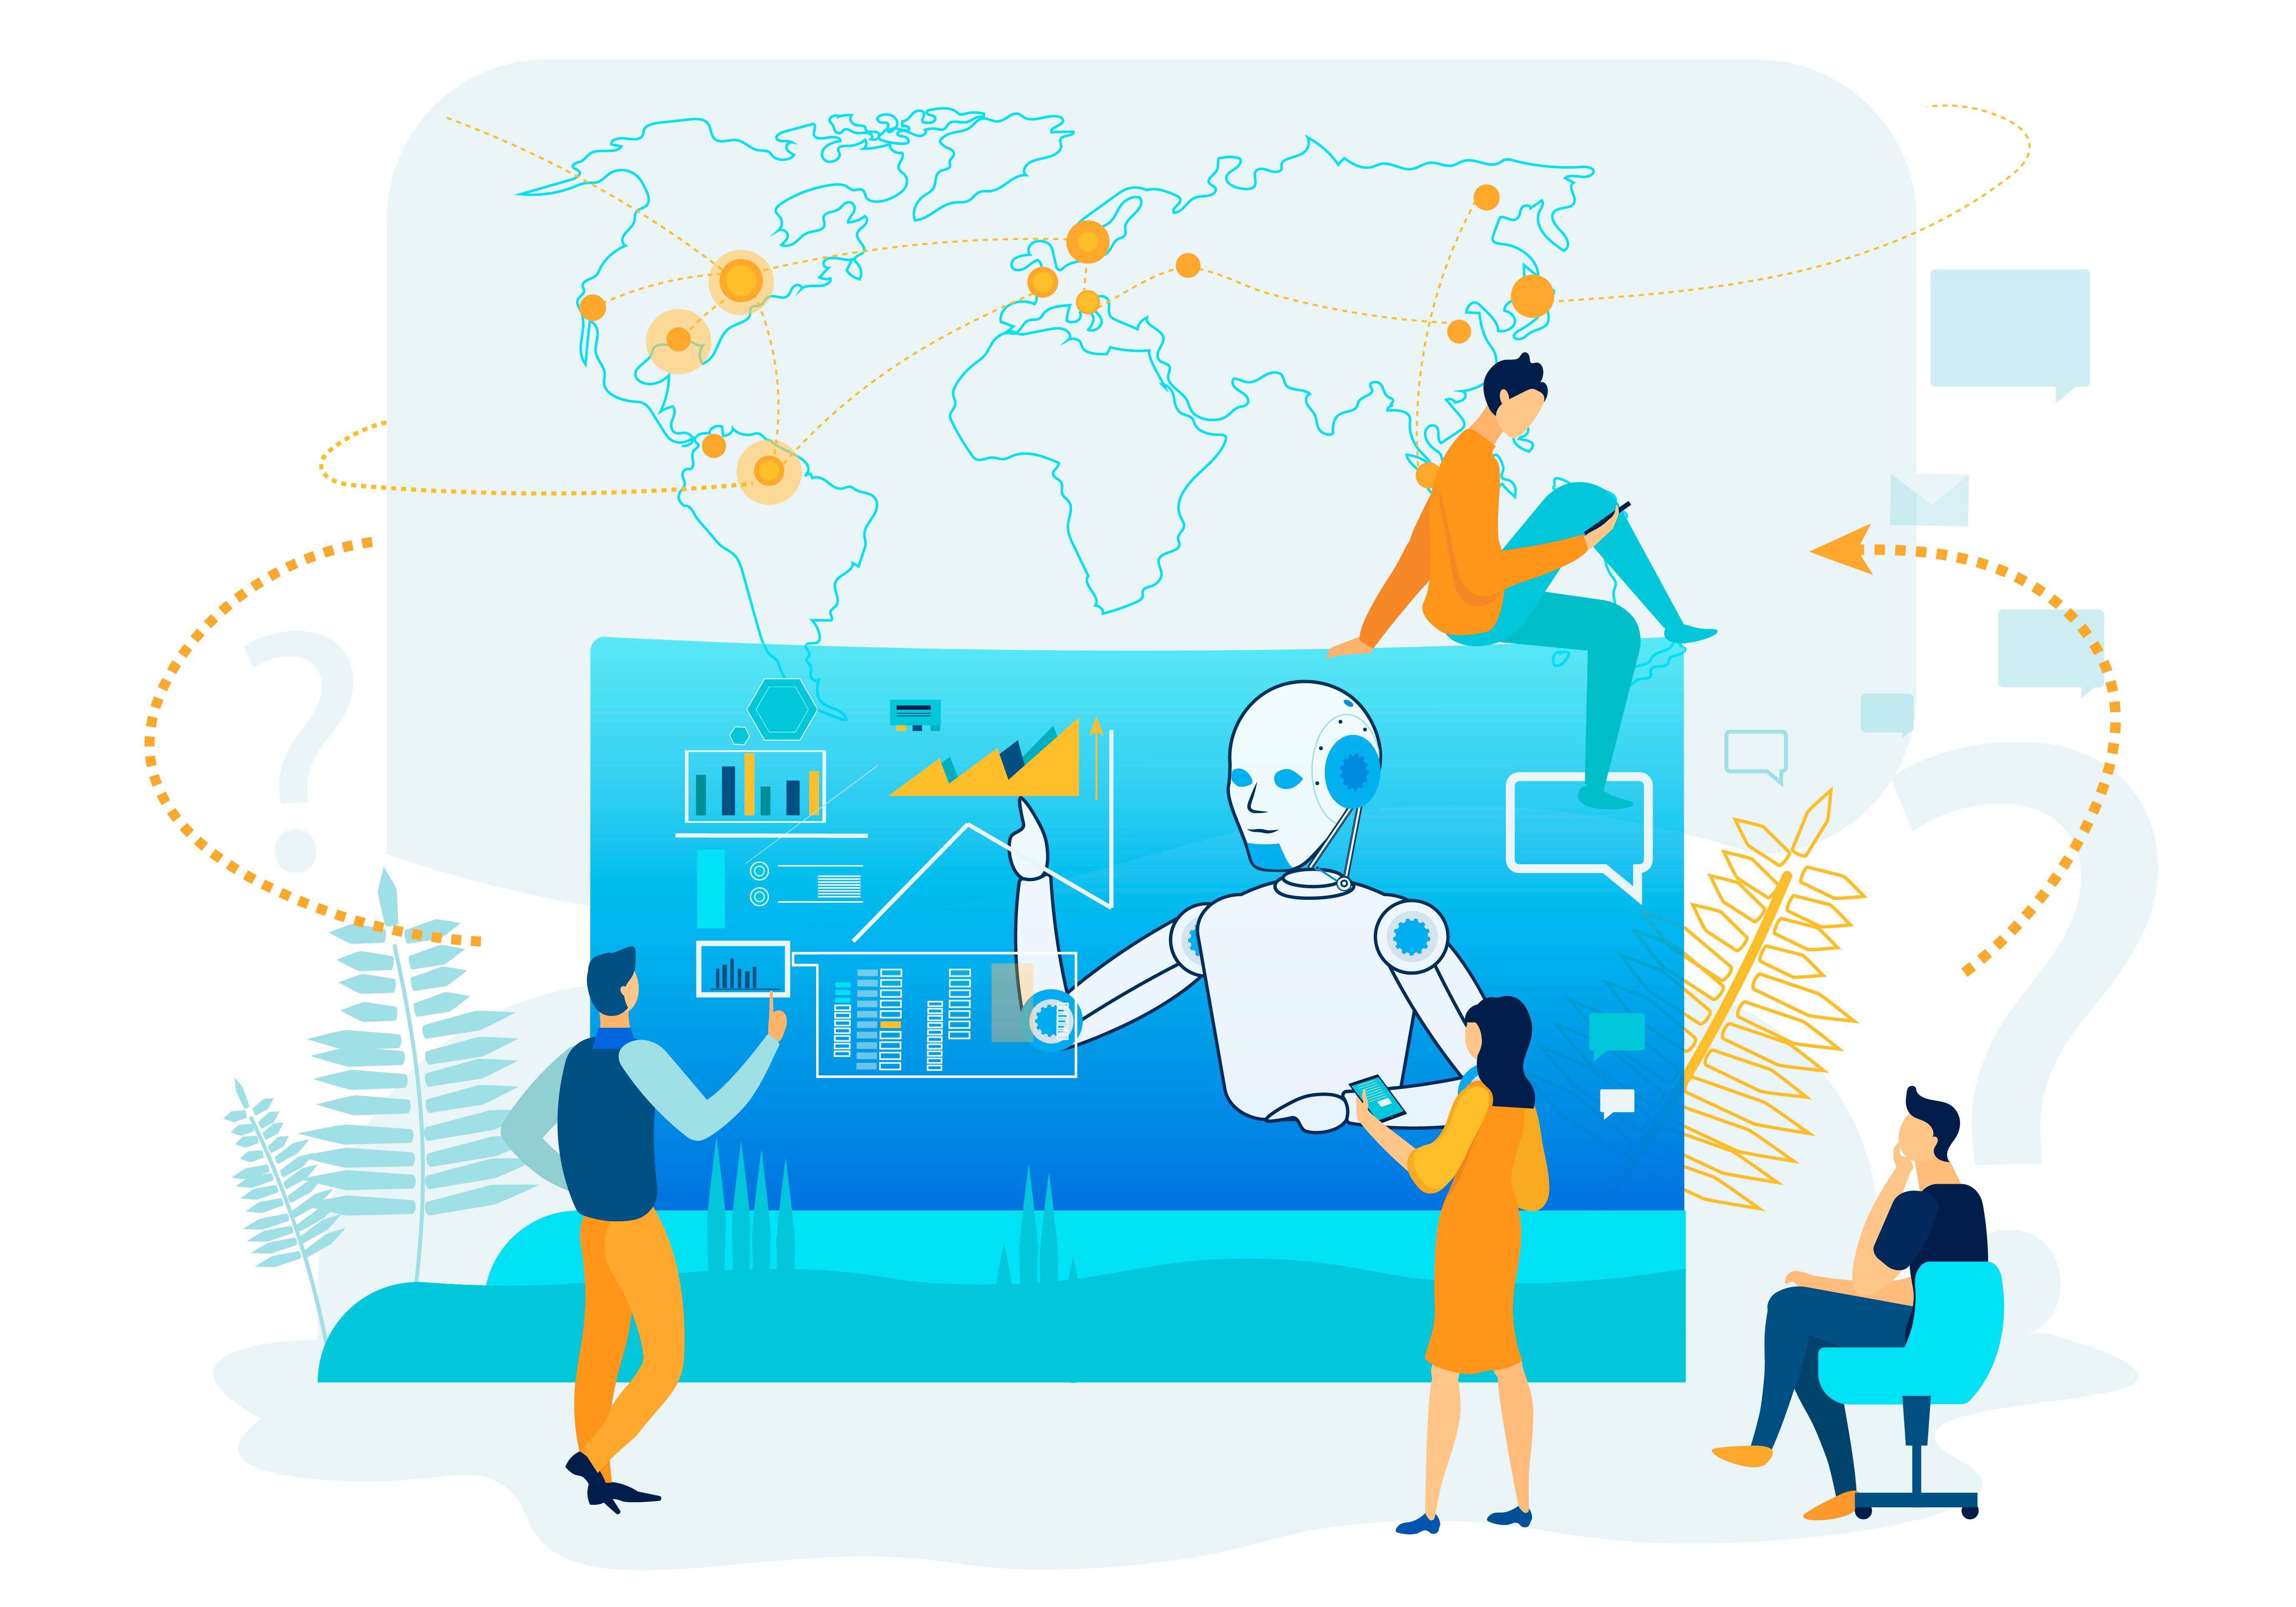 Изображение с взаимодействием между людьми и ИИ